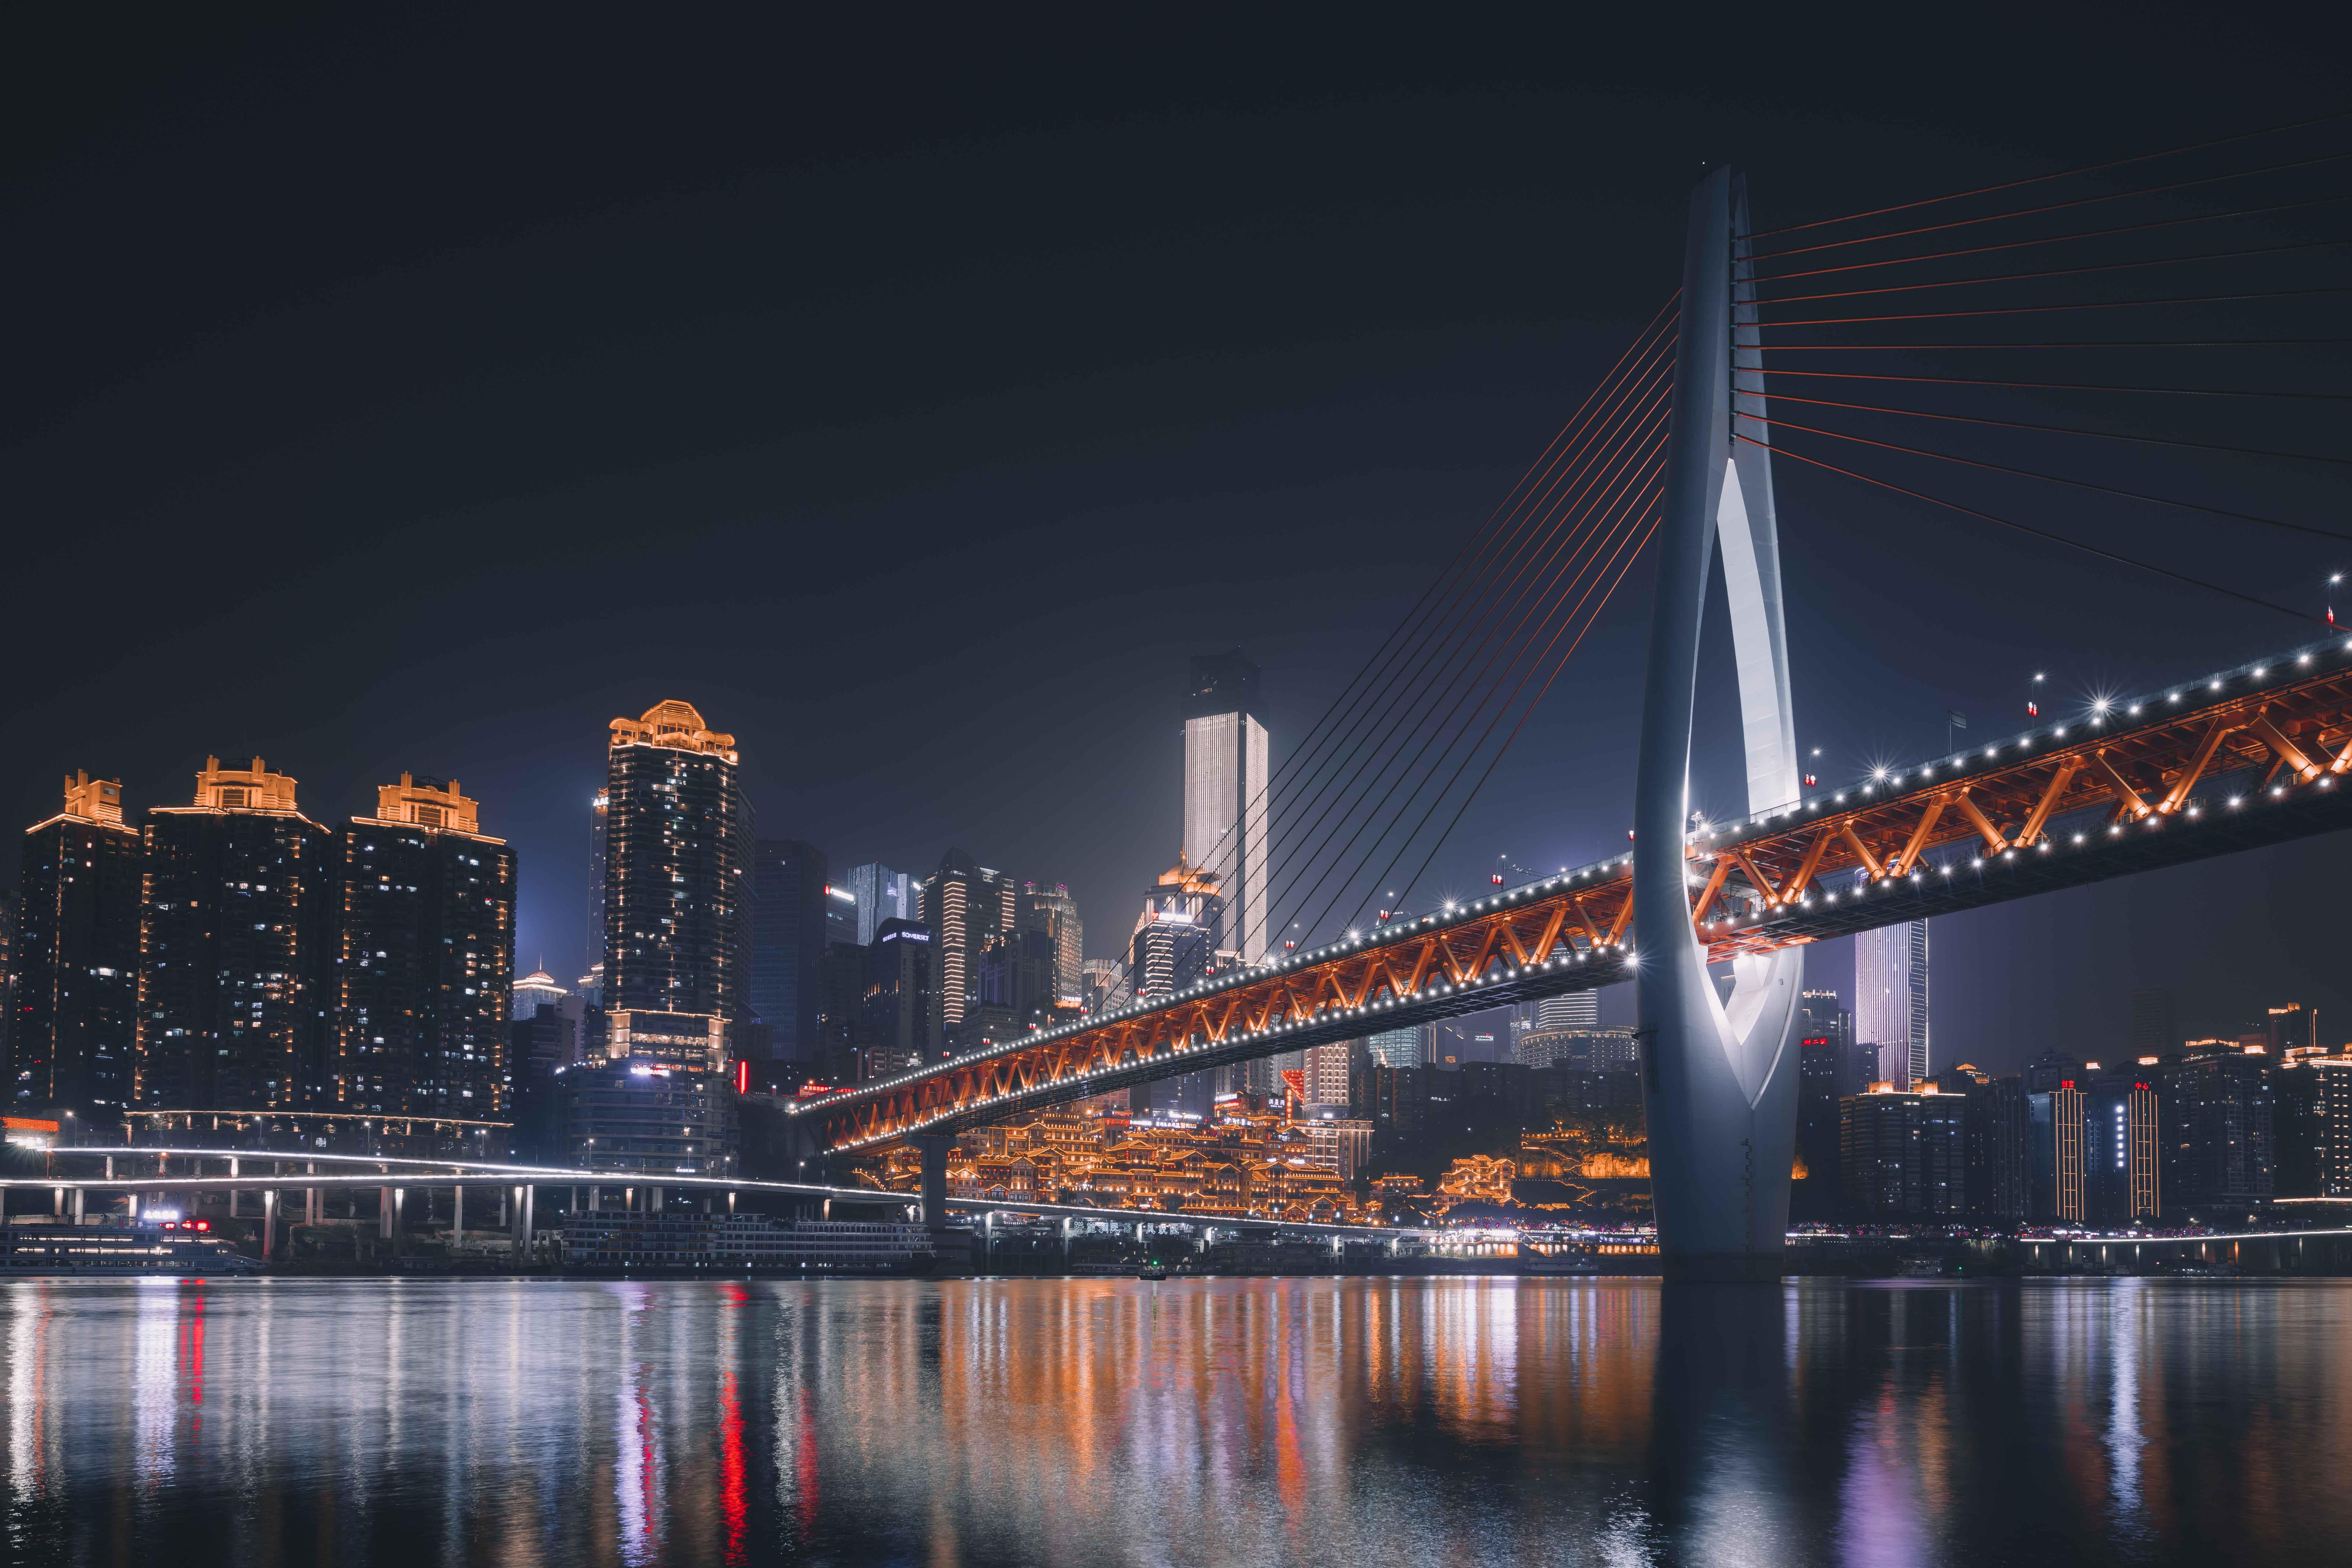 Du khách đi dạo dọc theo cầu Qiansimen hoặc ngồi du thuyền trên sông Gia Linh để chiêm ngưỡng toàn cảnh Hồng Nhai Động.